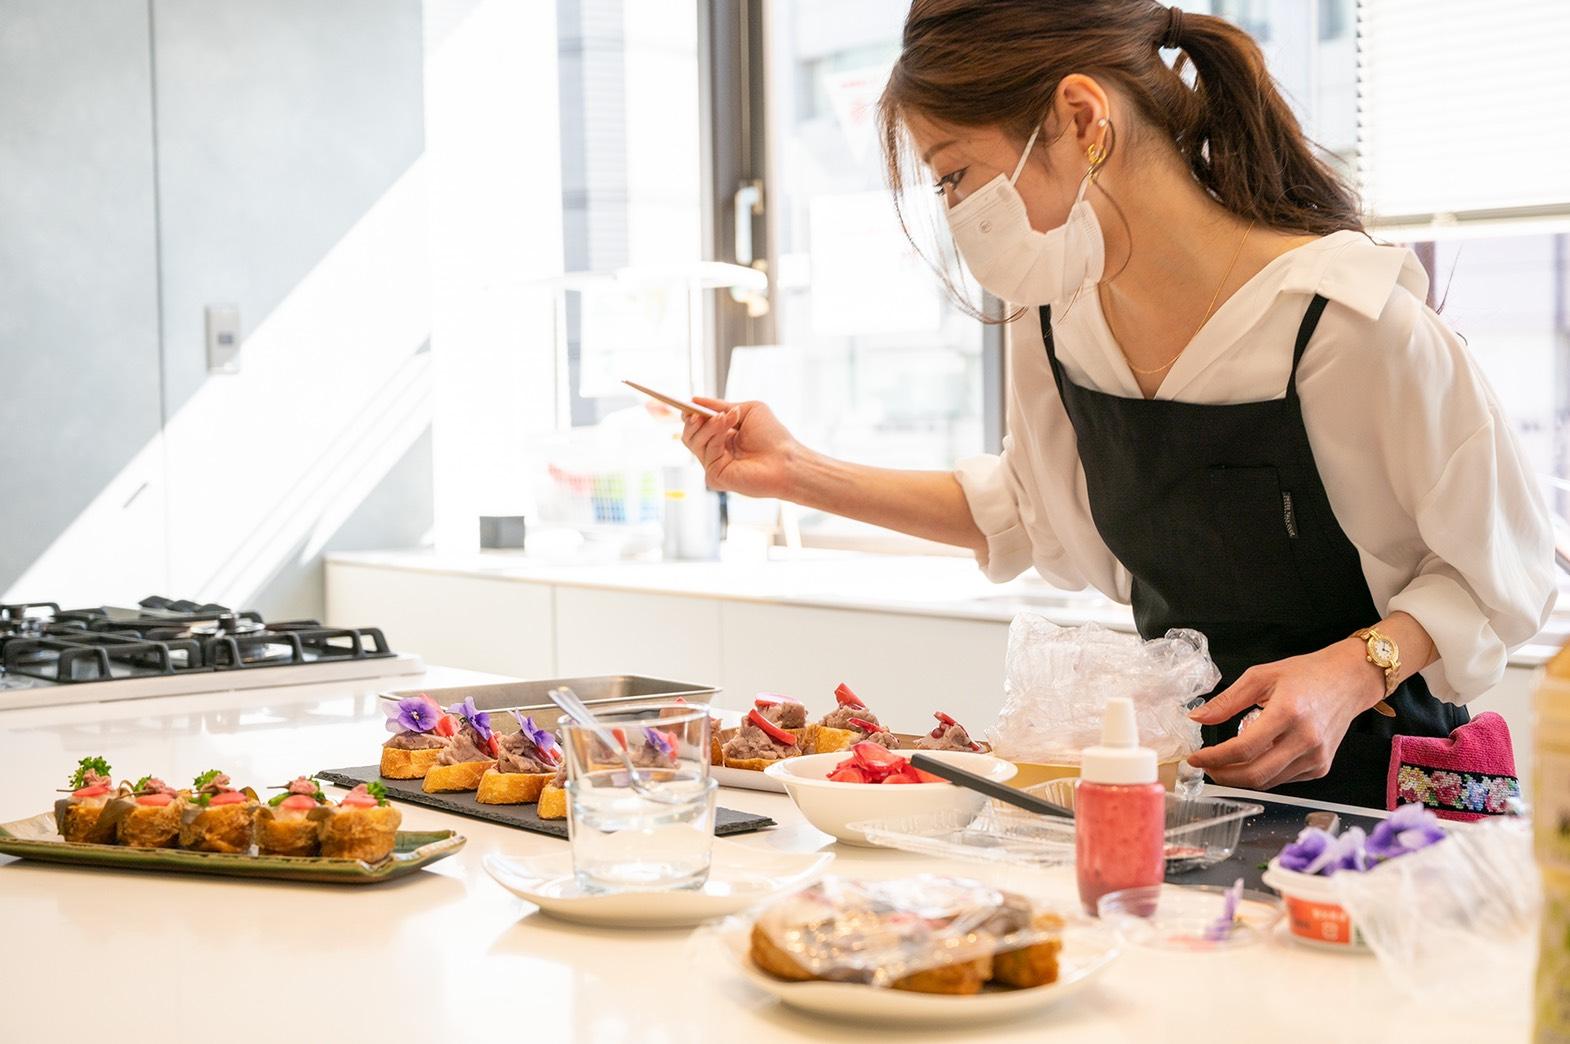 「グランポレール 唯」に合う春色レシピの盛り付けをする料理研究家 福島さやかさん